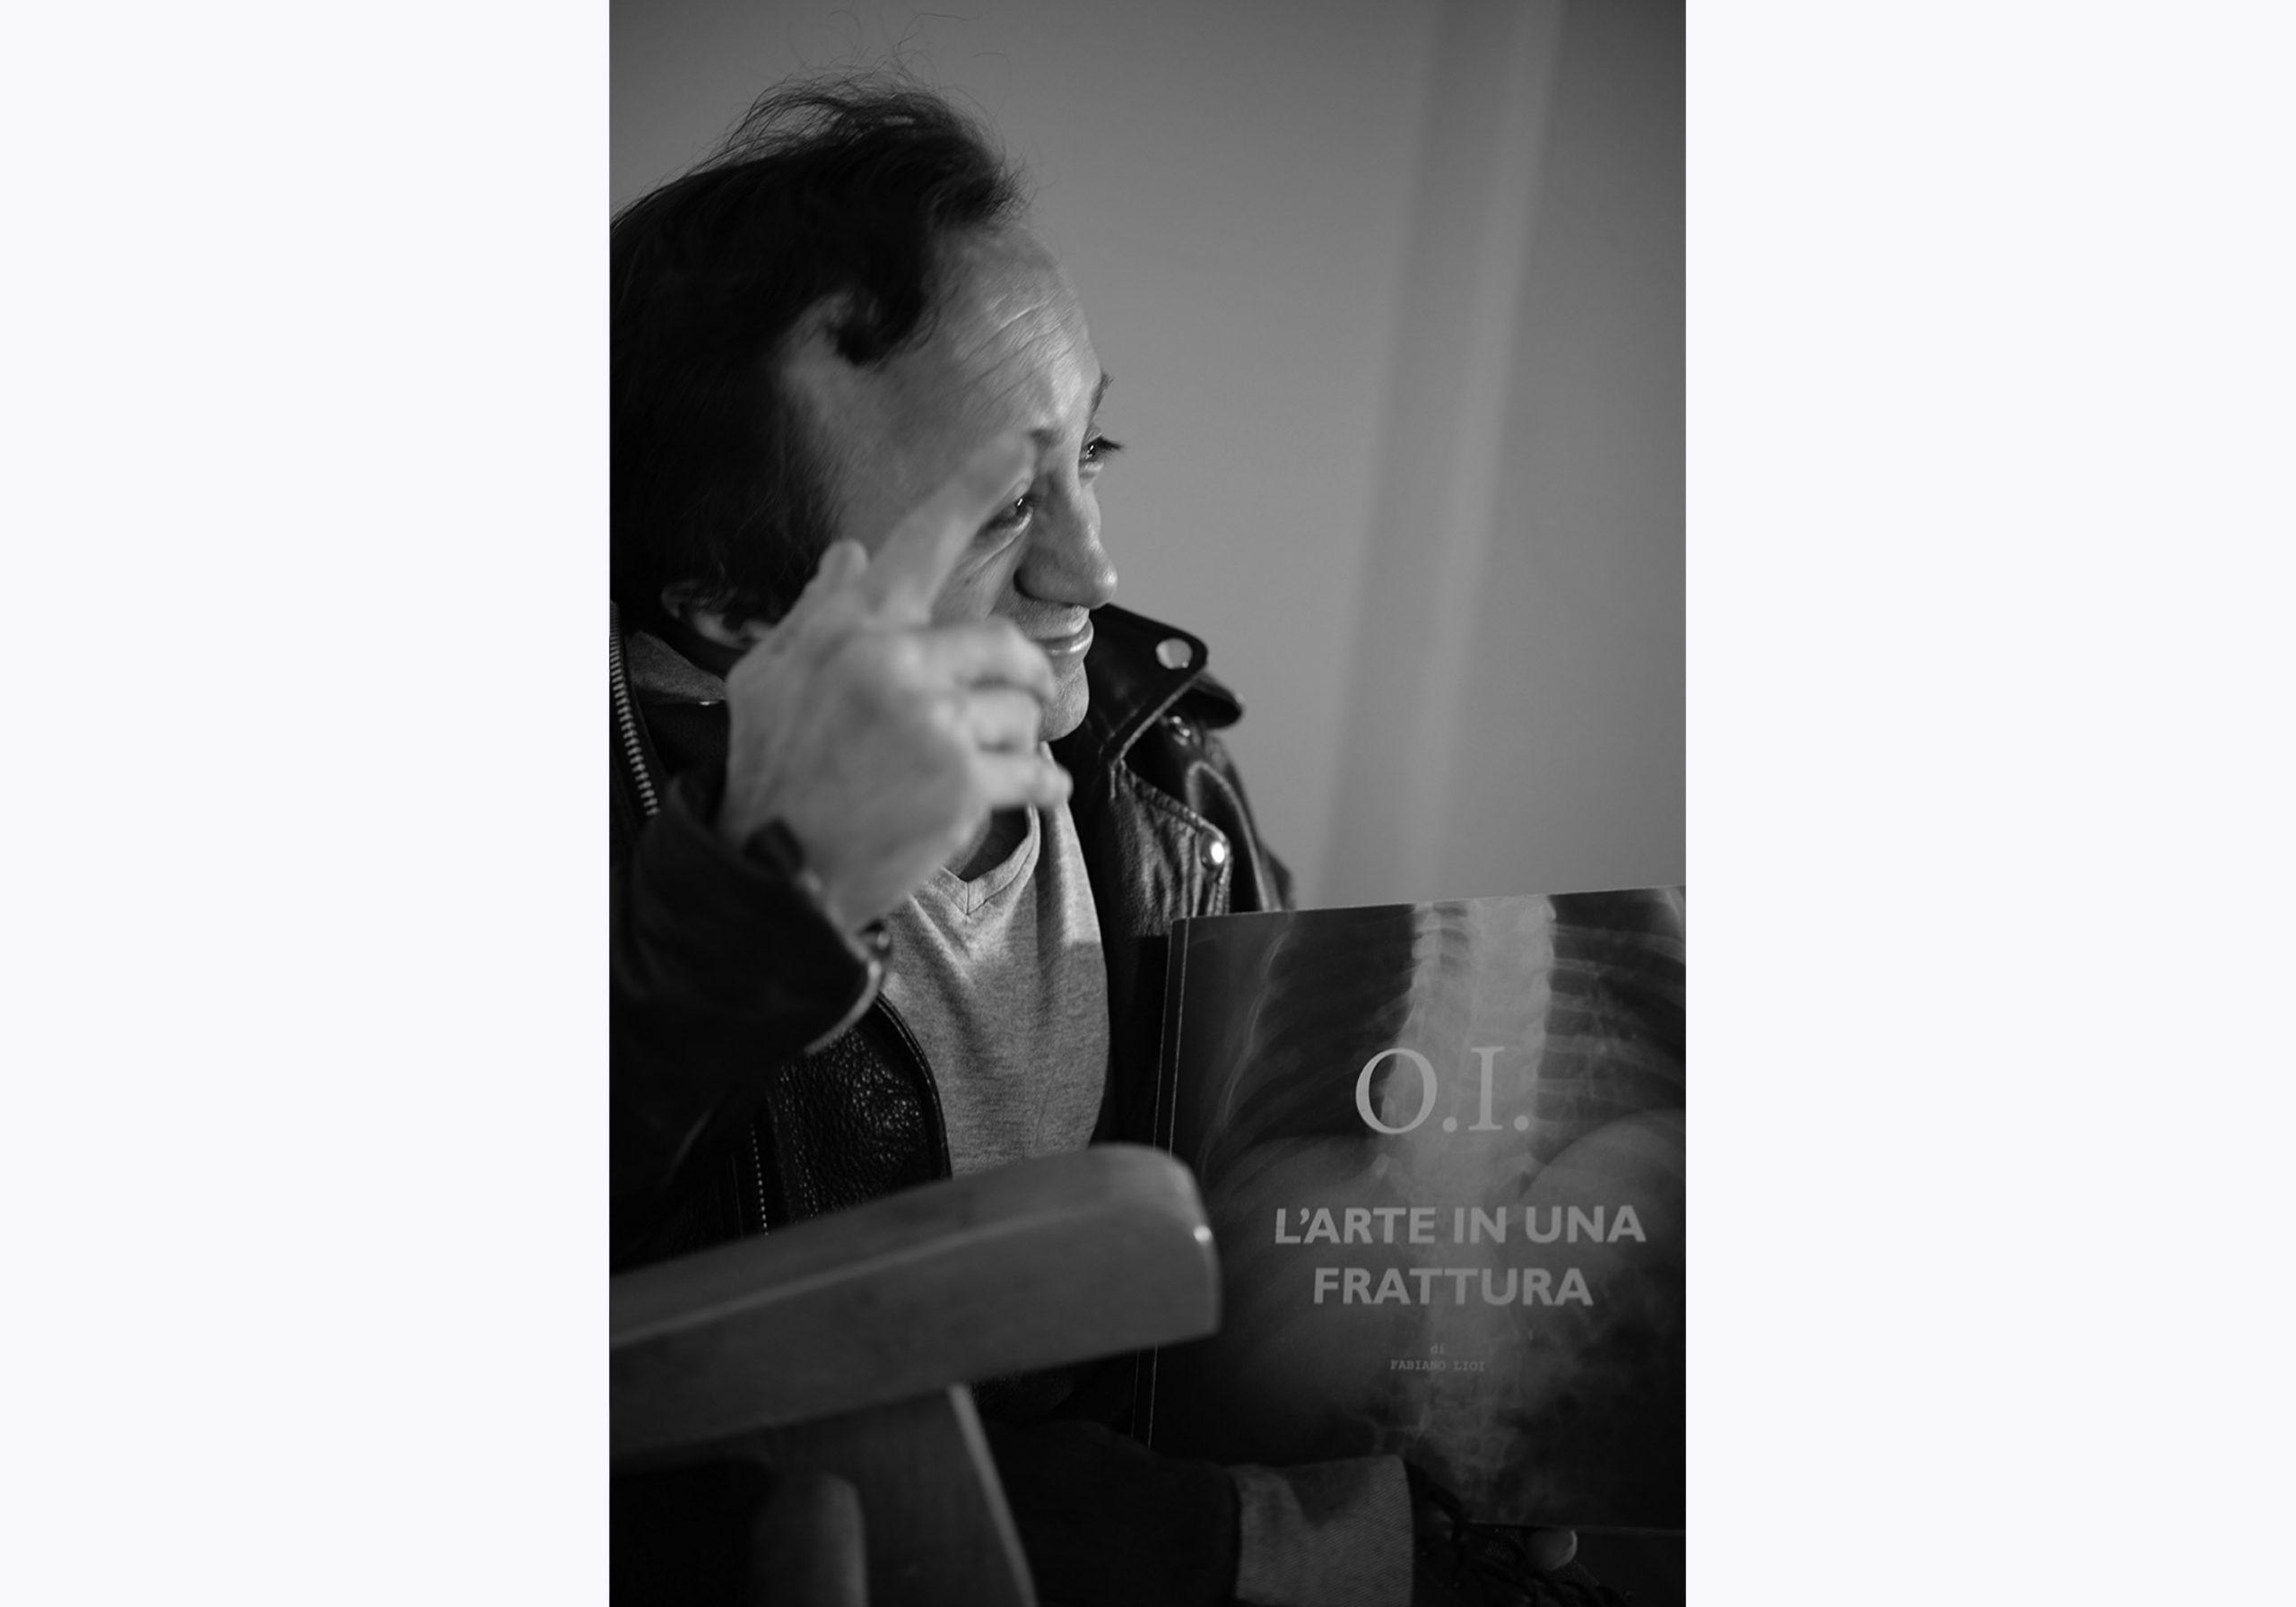 Fabiano Lioi è l'autore di O.I. L'arte in una frattura. Stampiamo insieme il libro con la campagna di crowdfunding. In questa foto punta con l'indice della mano destra verso l'alto, sorpreso in un movimento leggero mentre racconta una parte del progetto di crowdfunding.